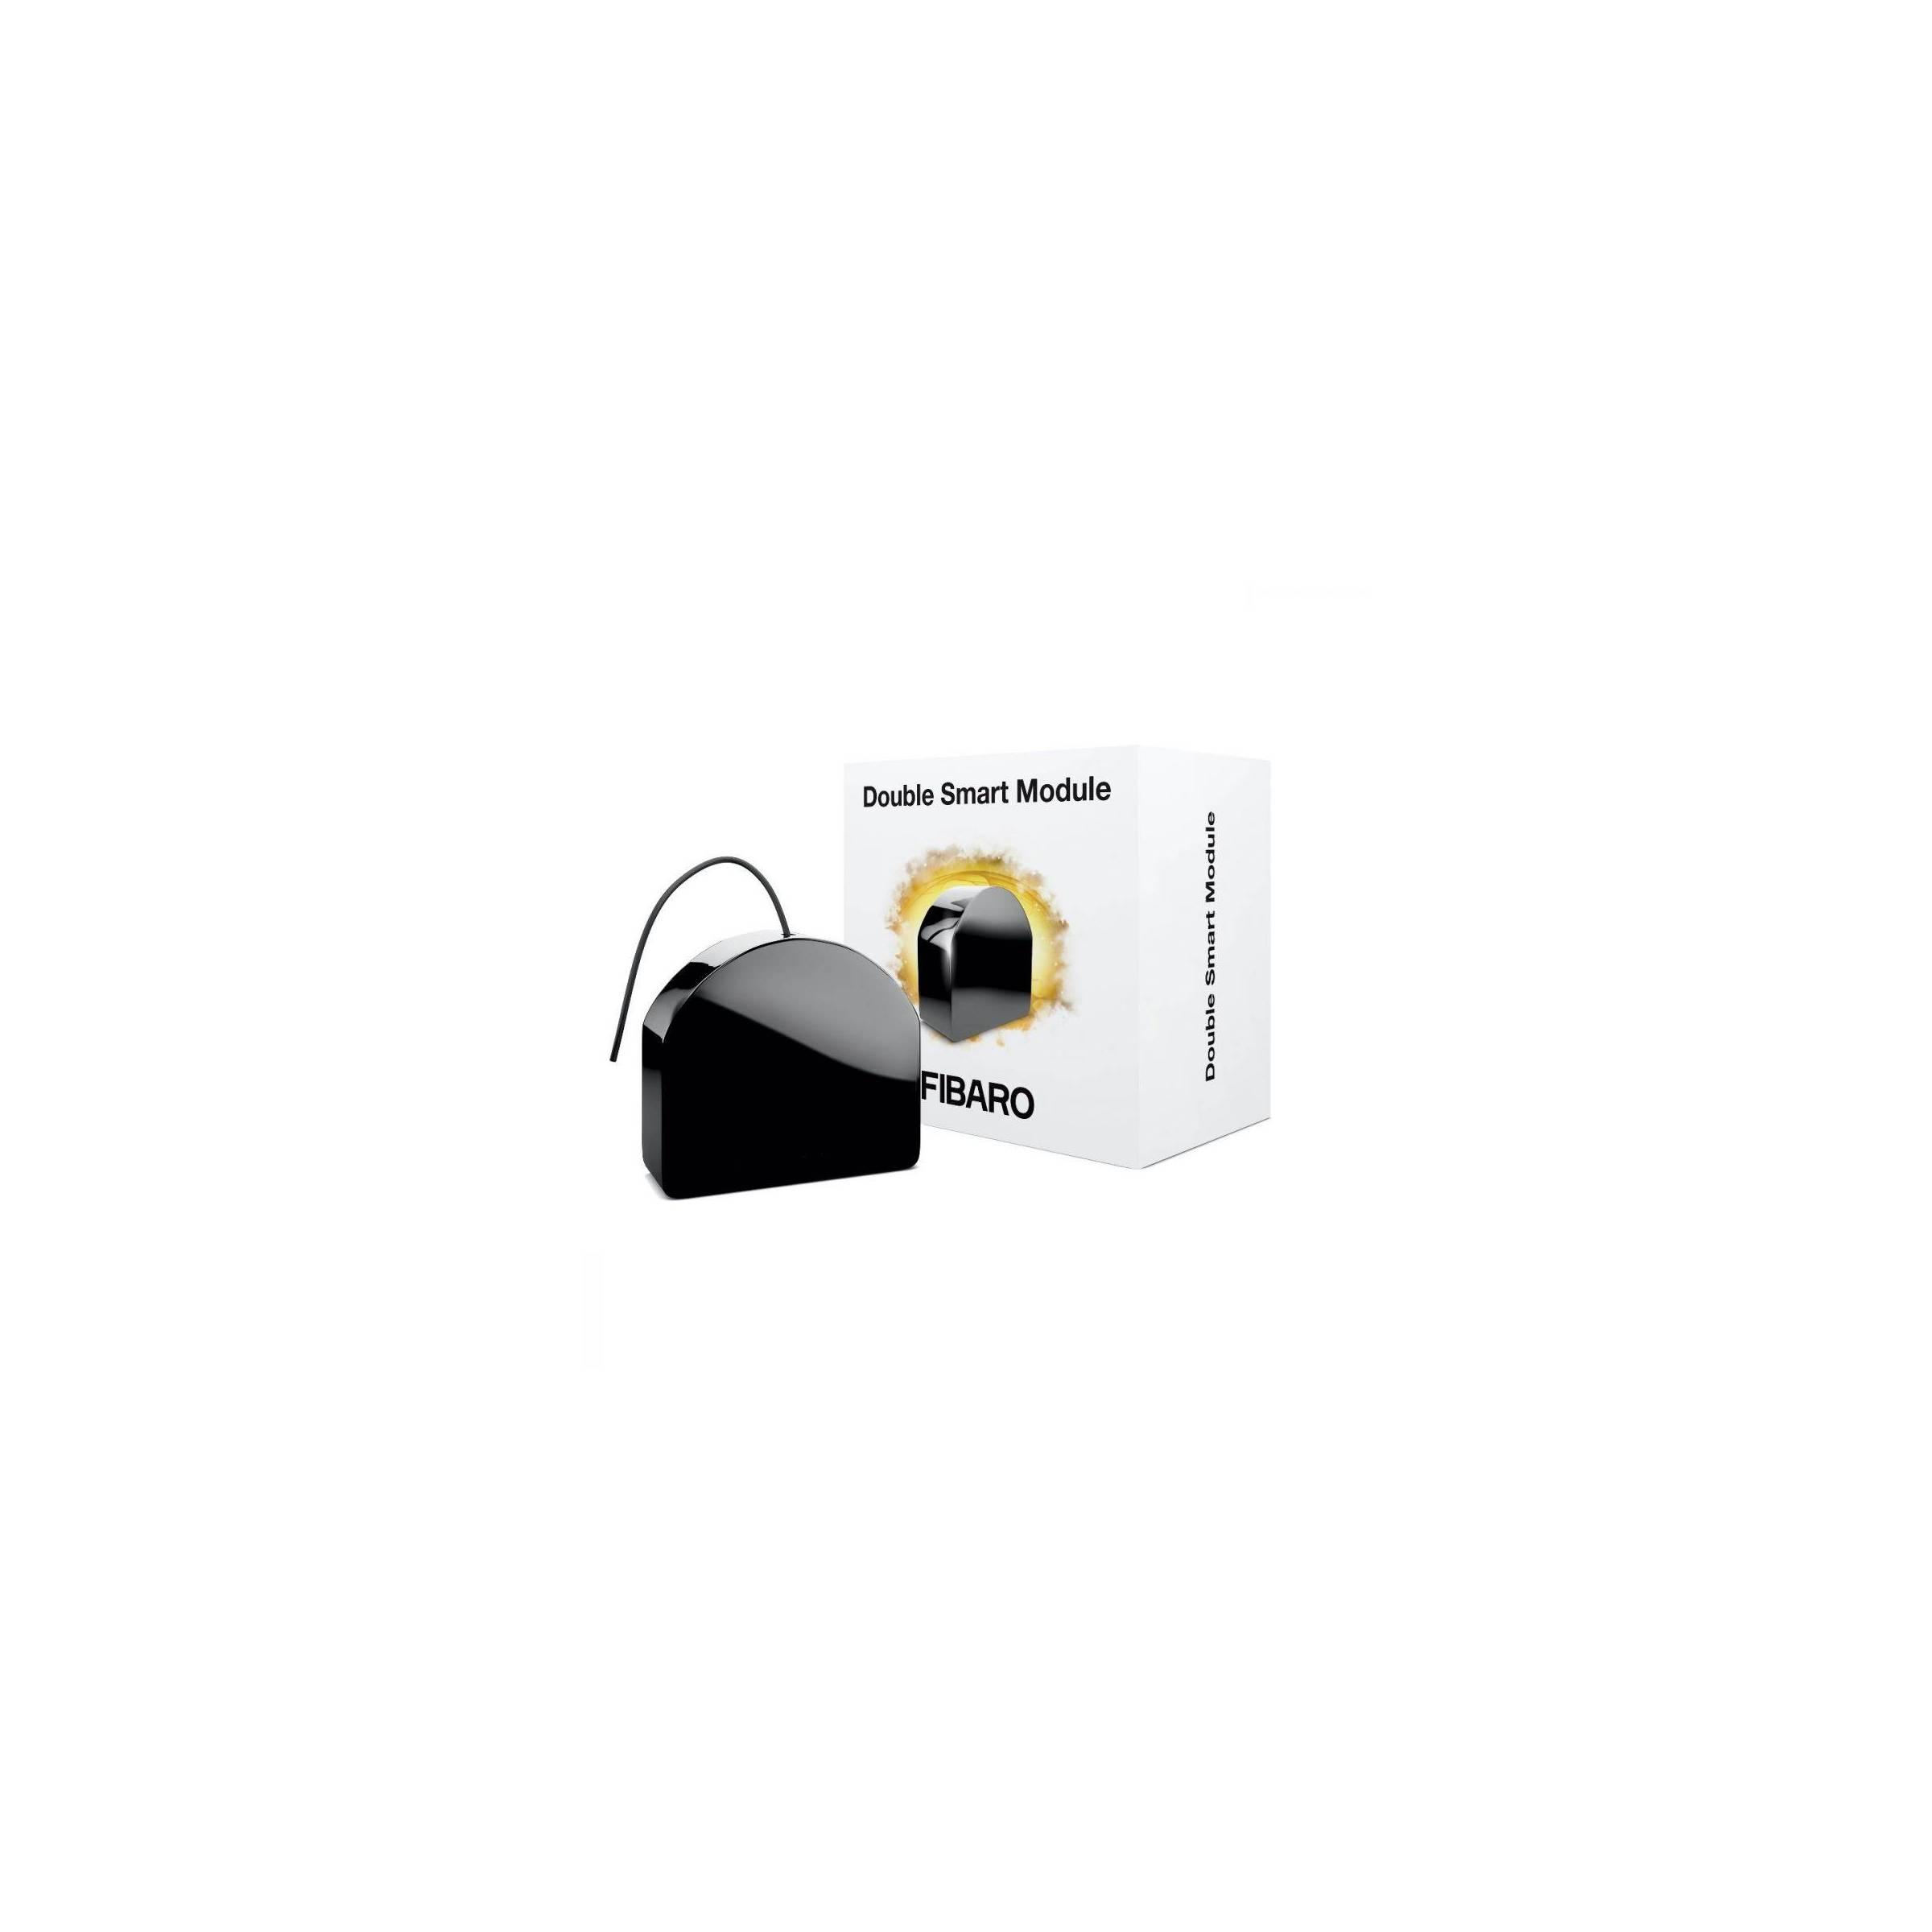 fibaro Fibaro double smart module fra mackabler.dk